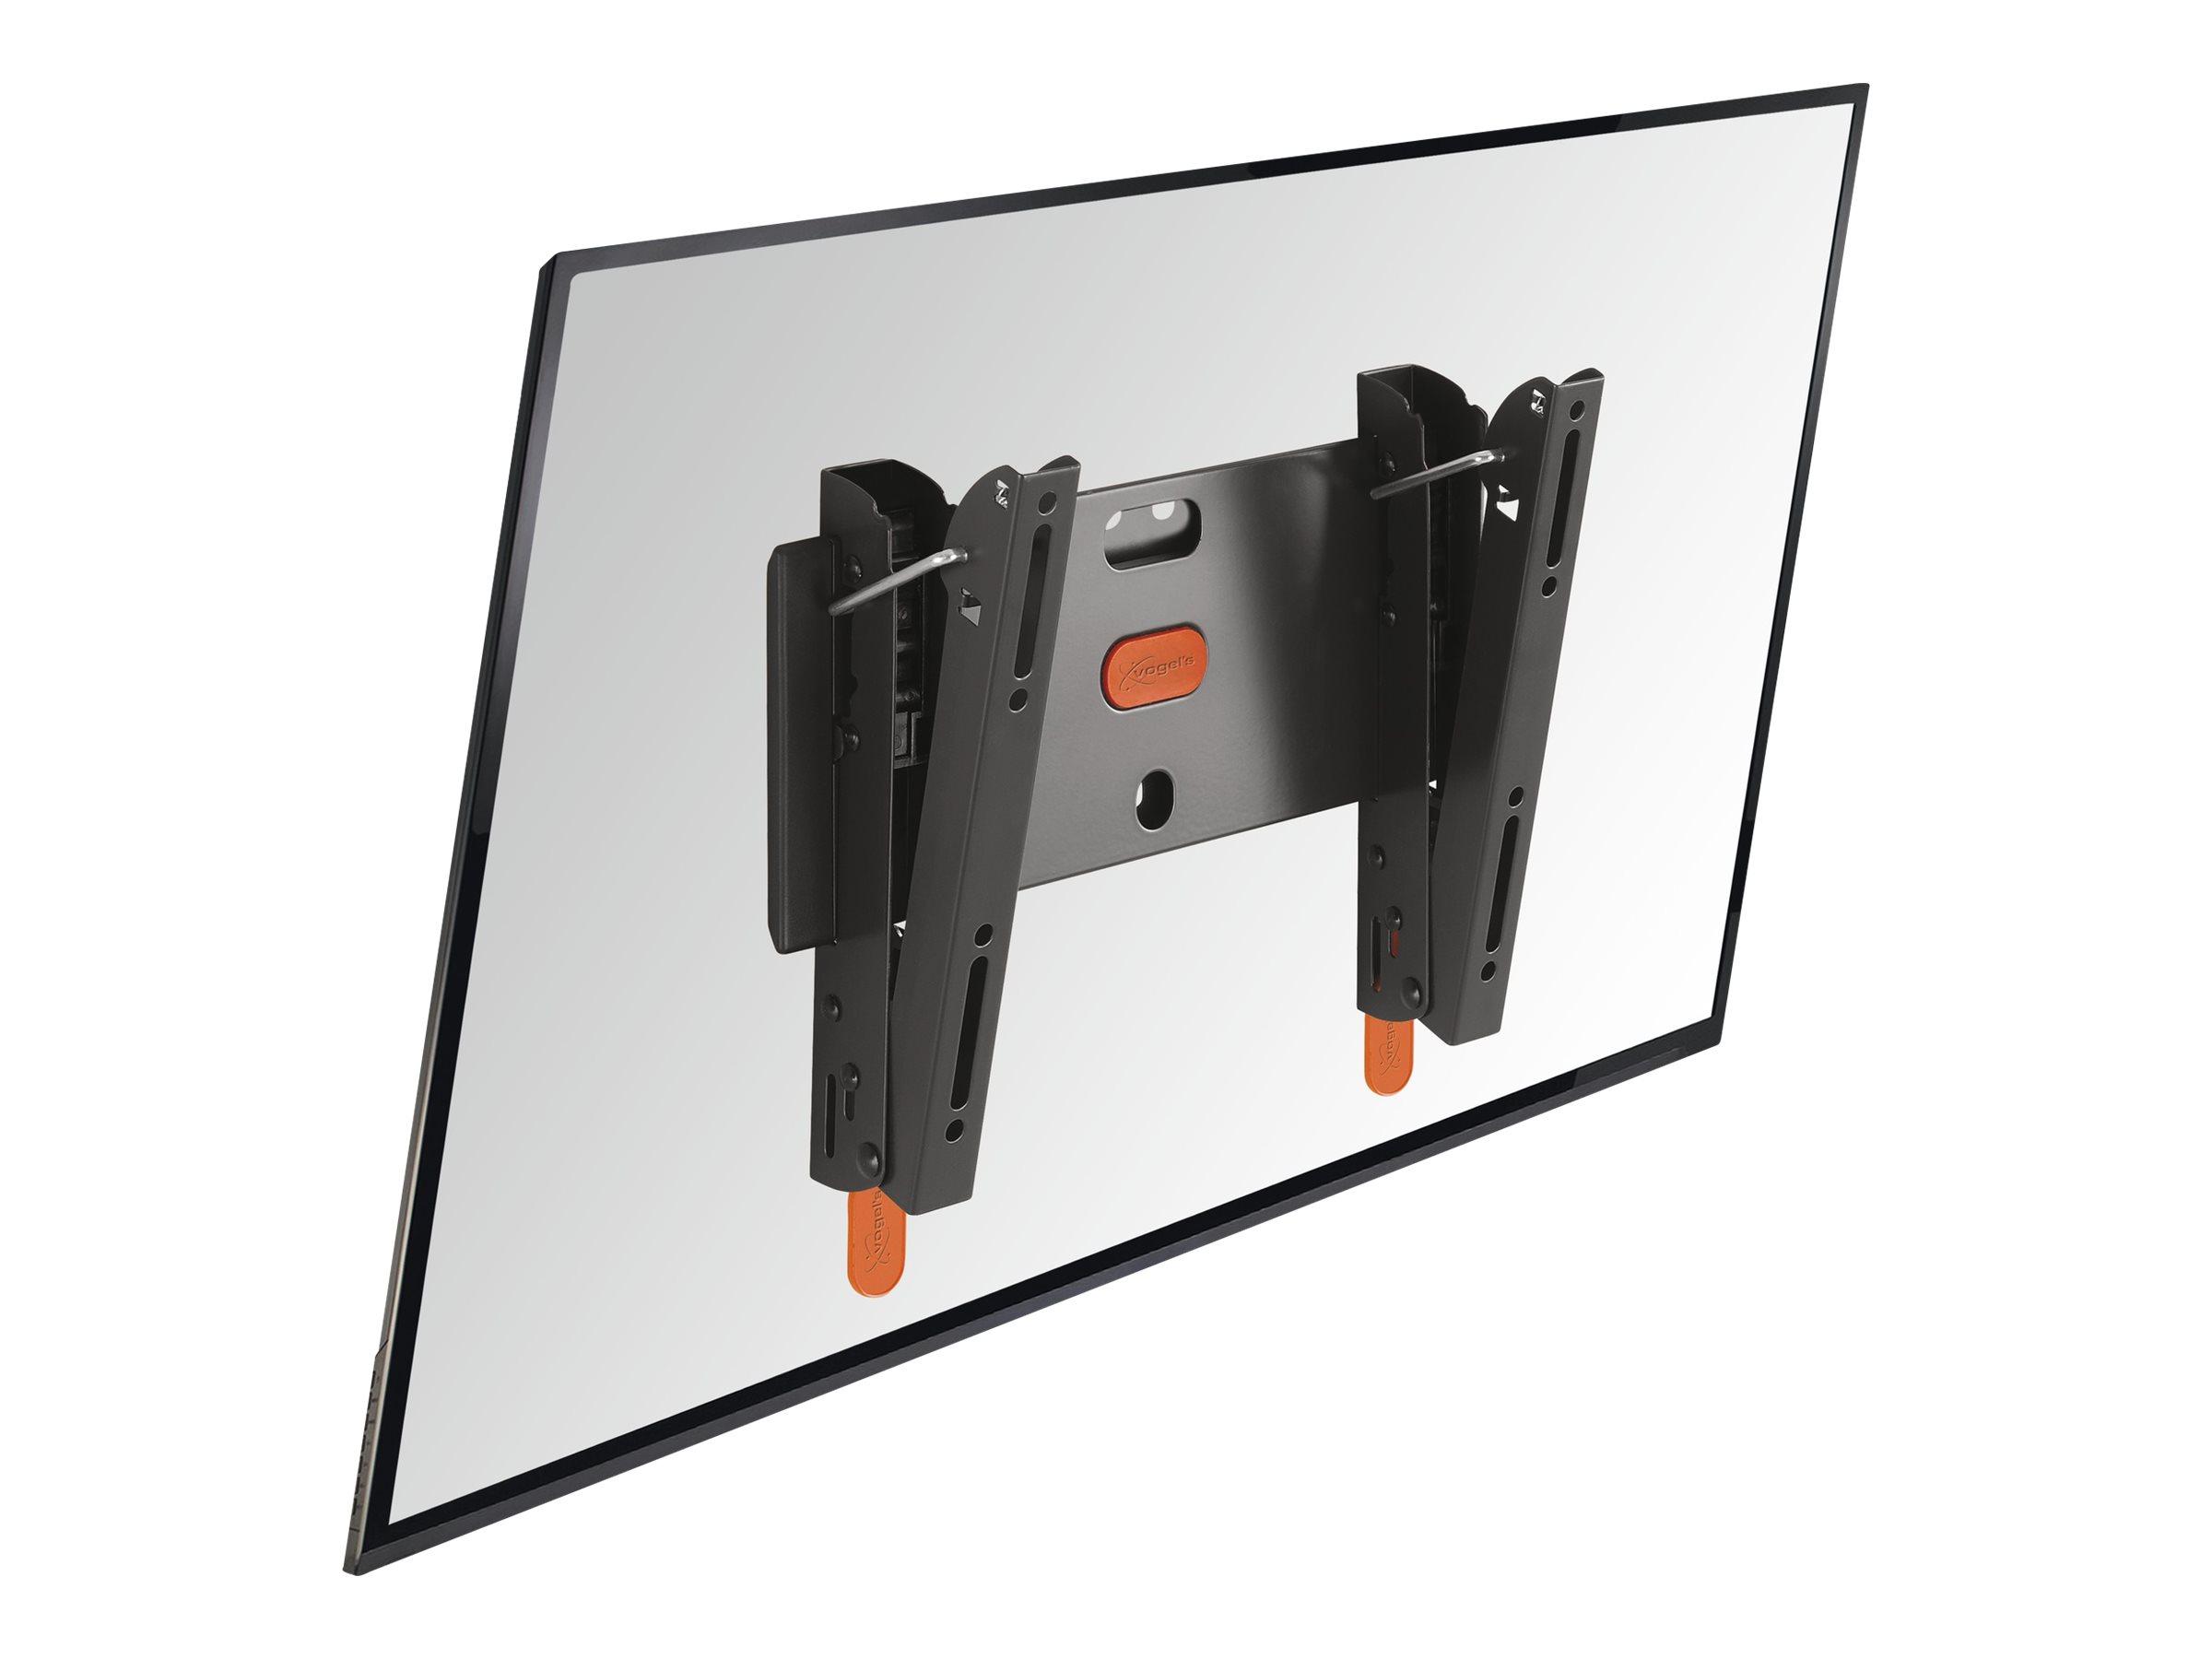 """Vogel's BASE 15 S - Befestigungskit (Kippbare Wandhalterung) für Flachbildschirm - Schwarz - Bildschirmgröße: 48-94 cm (19""""-37"""")"""